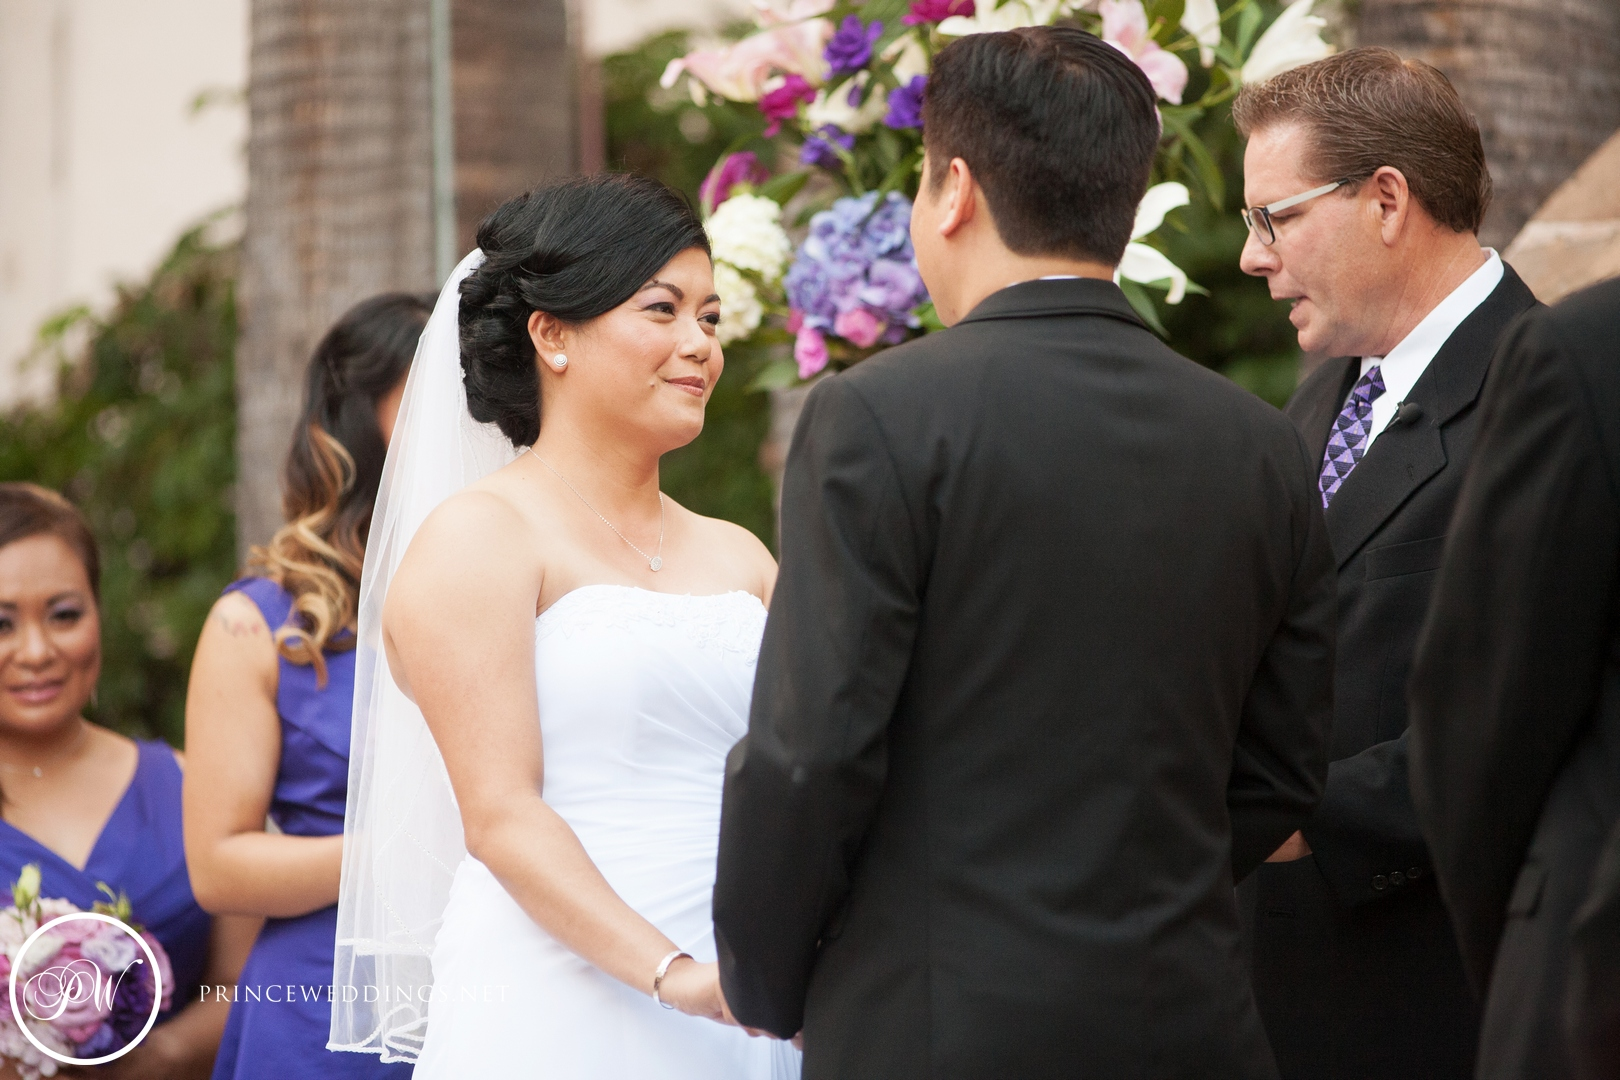 TurnipRose_Wedding_Photography_James+Luisa61.jpg